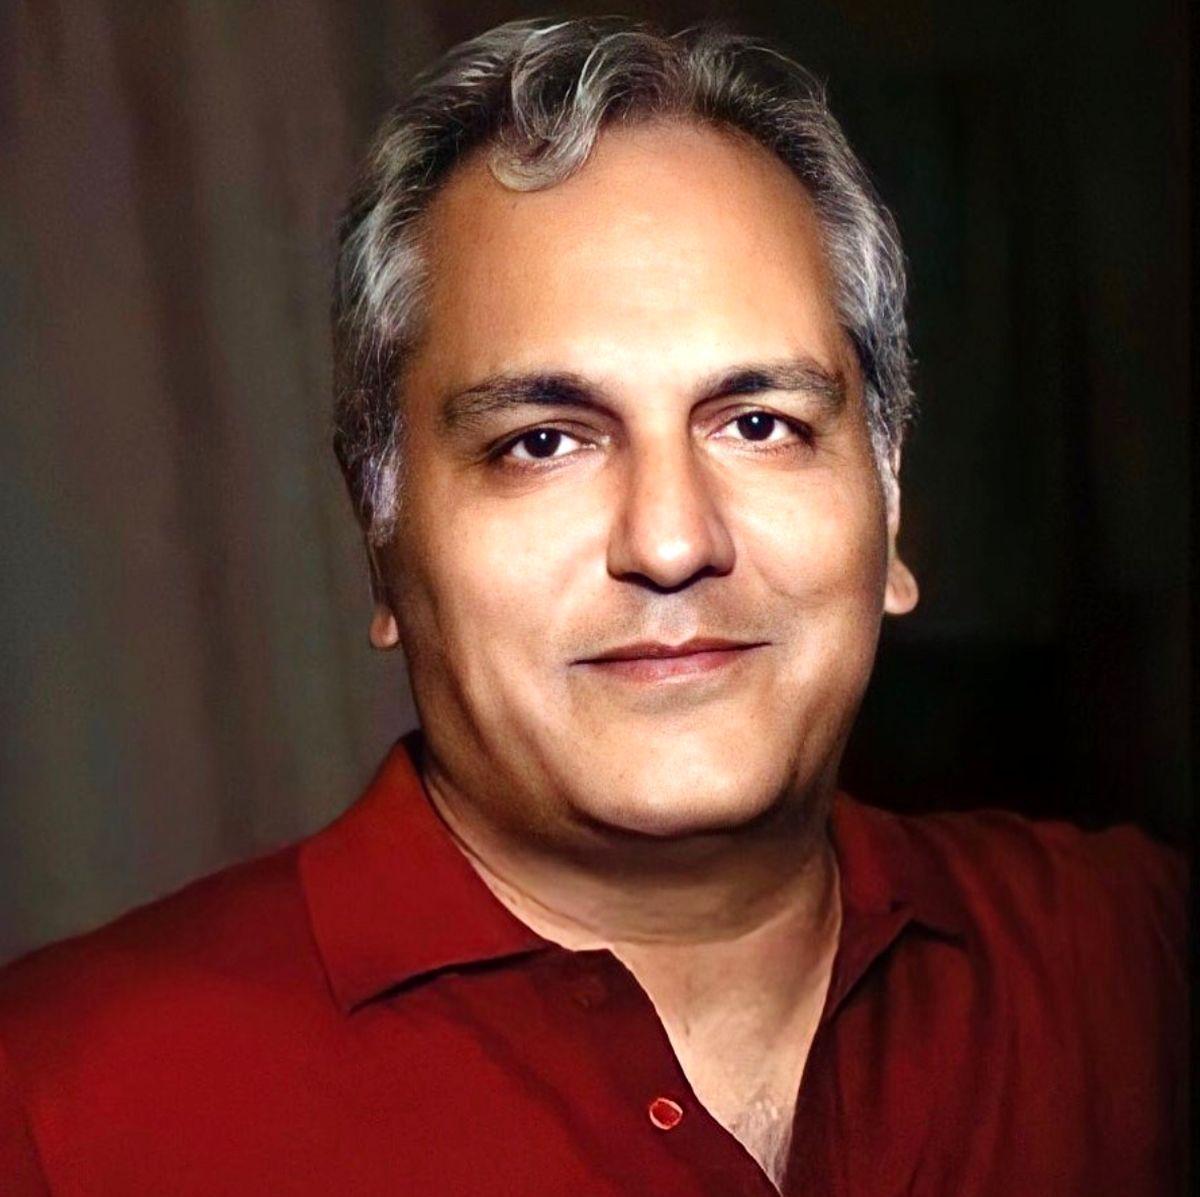 عصبانیت مهران مدیری در برنامه زنده